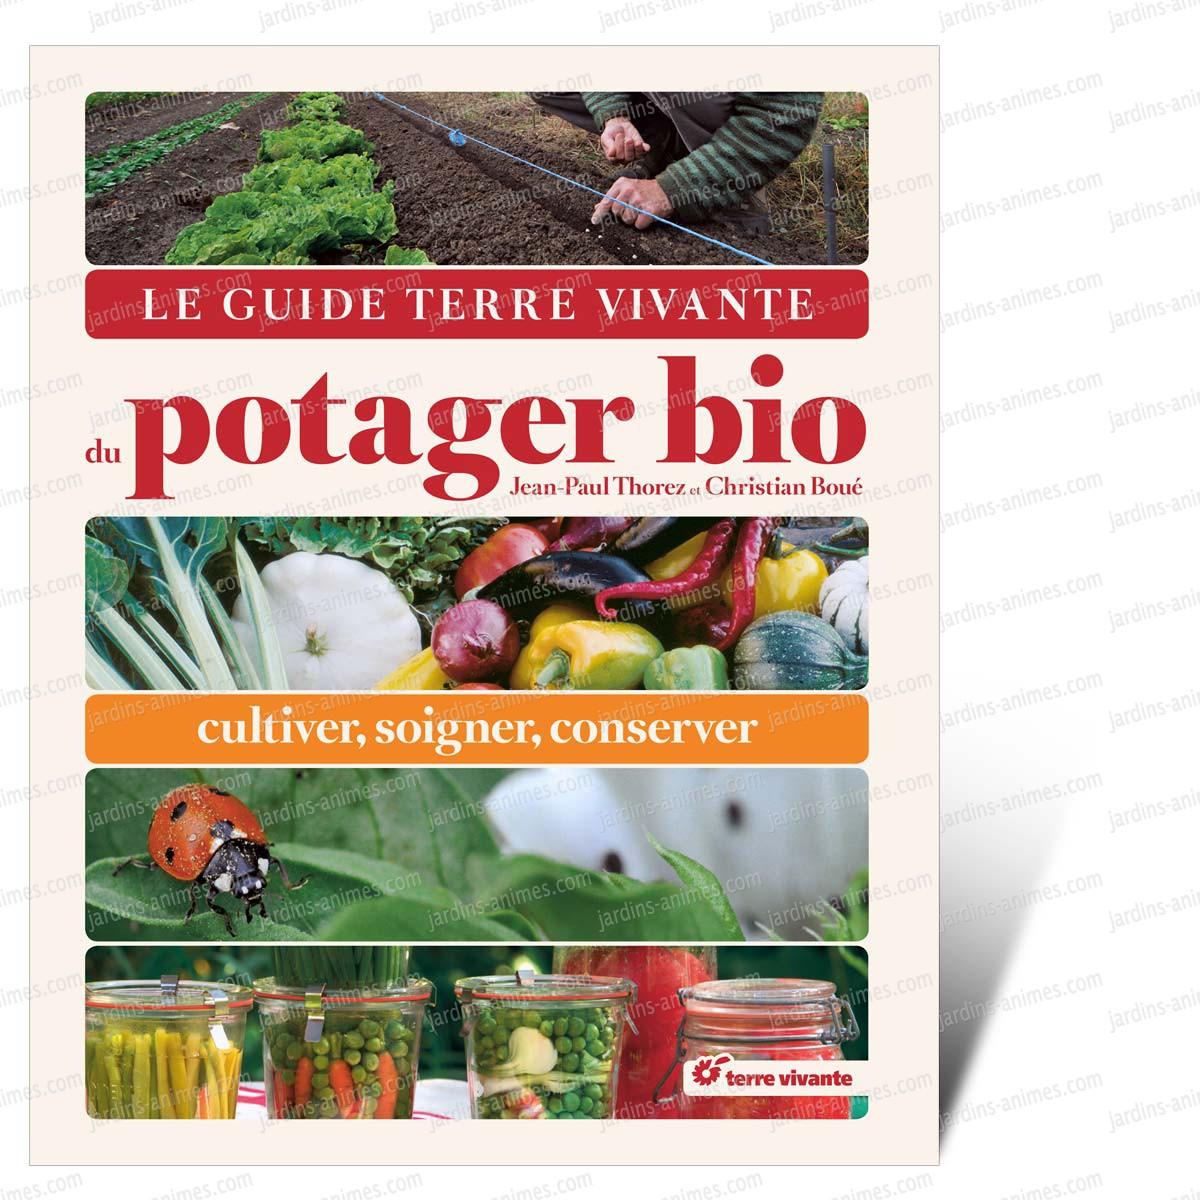 Le guide terre vivante du potager bio livres jardin bio for Le jardin potager bio